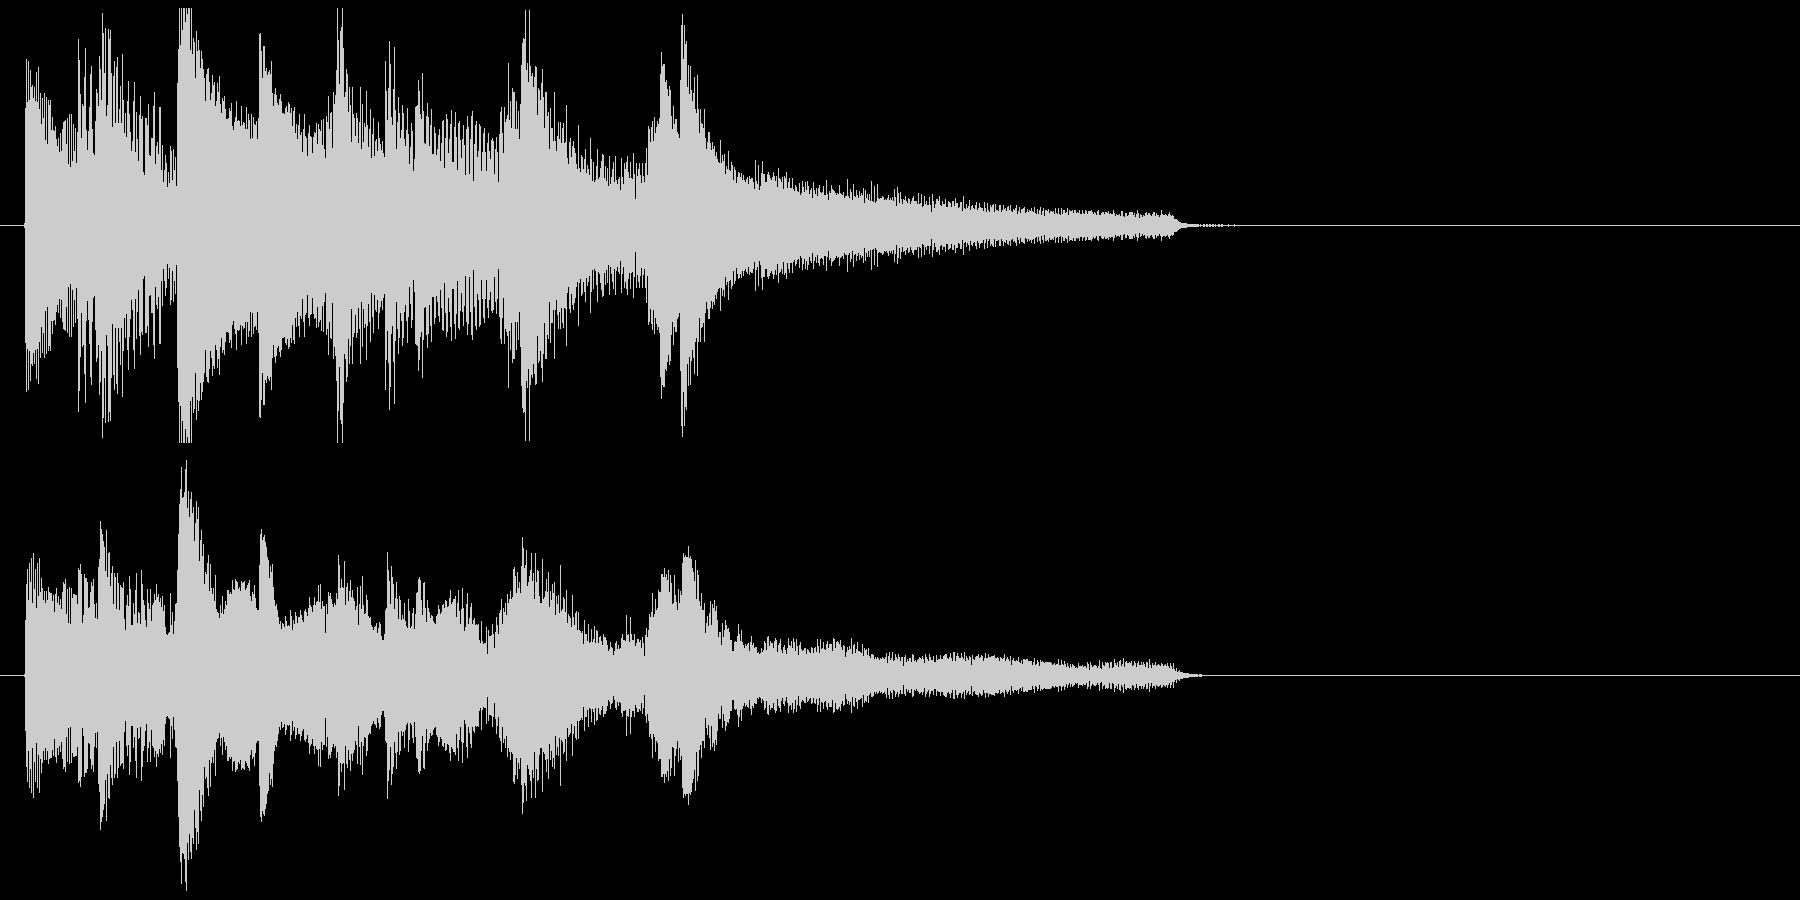 ゆったりとしたミディアム音楽の未再生の波形